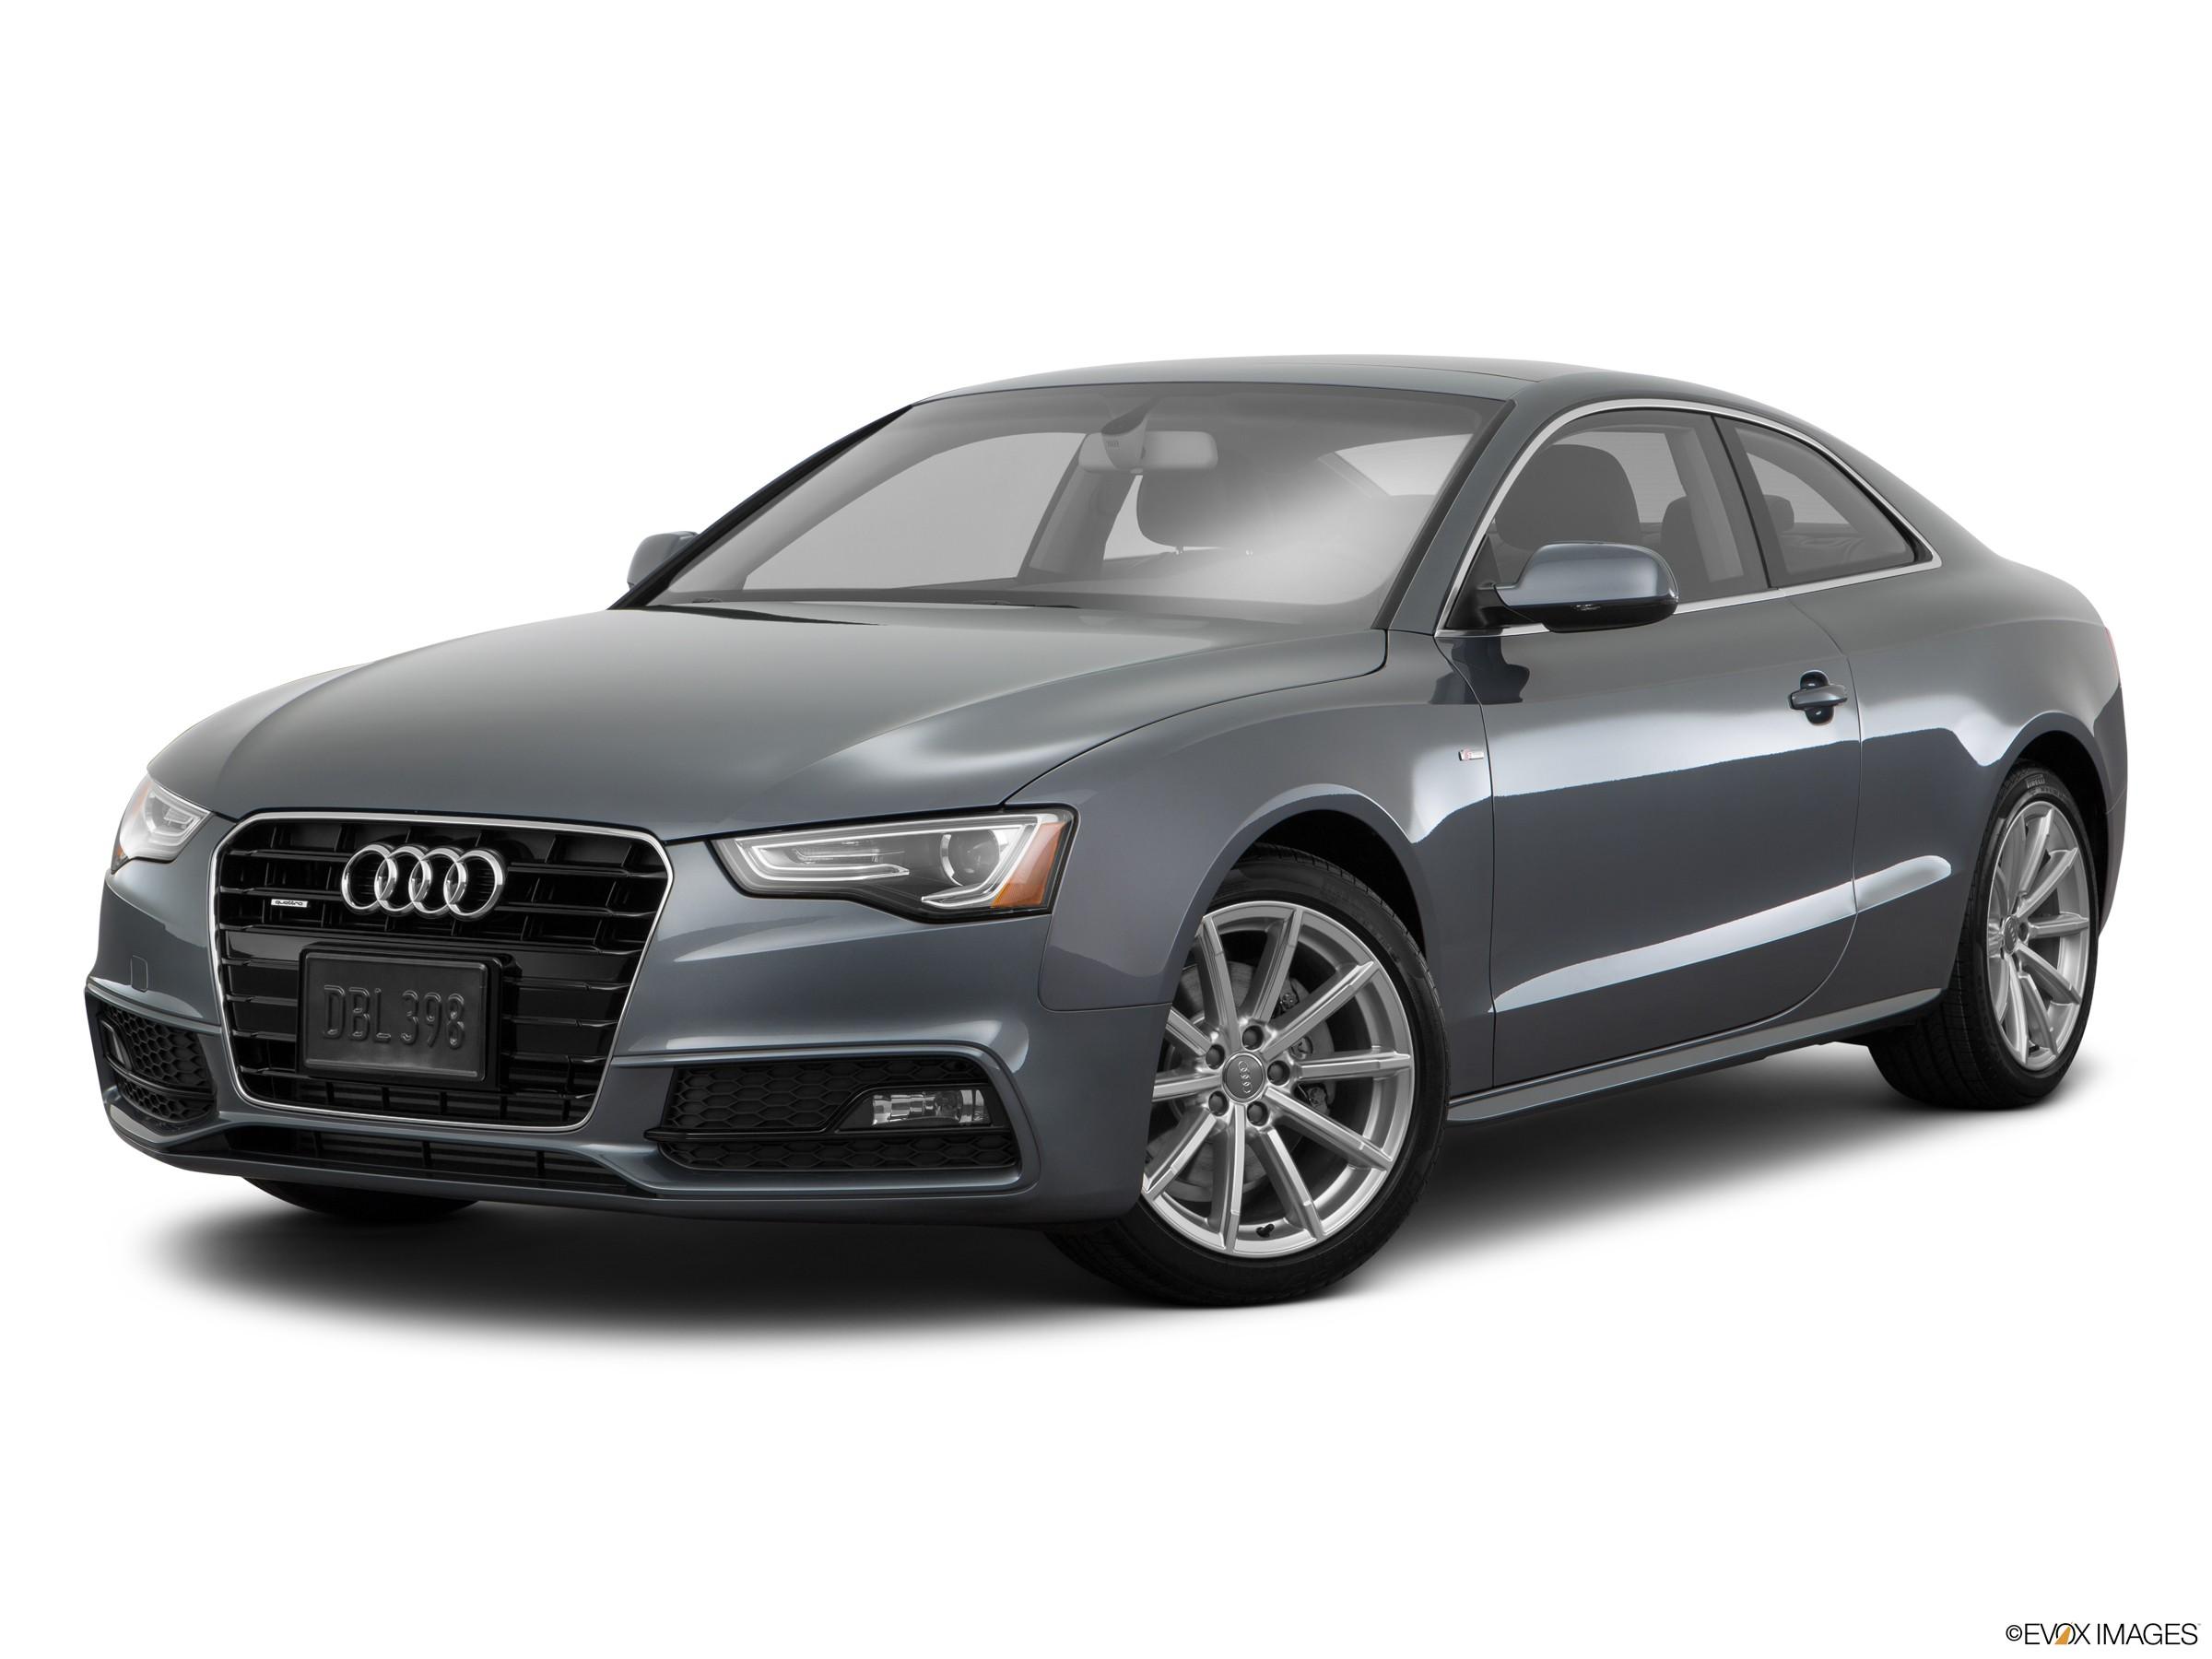 Kelebihan Kekurangan Audi A5 2016 Review